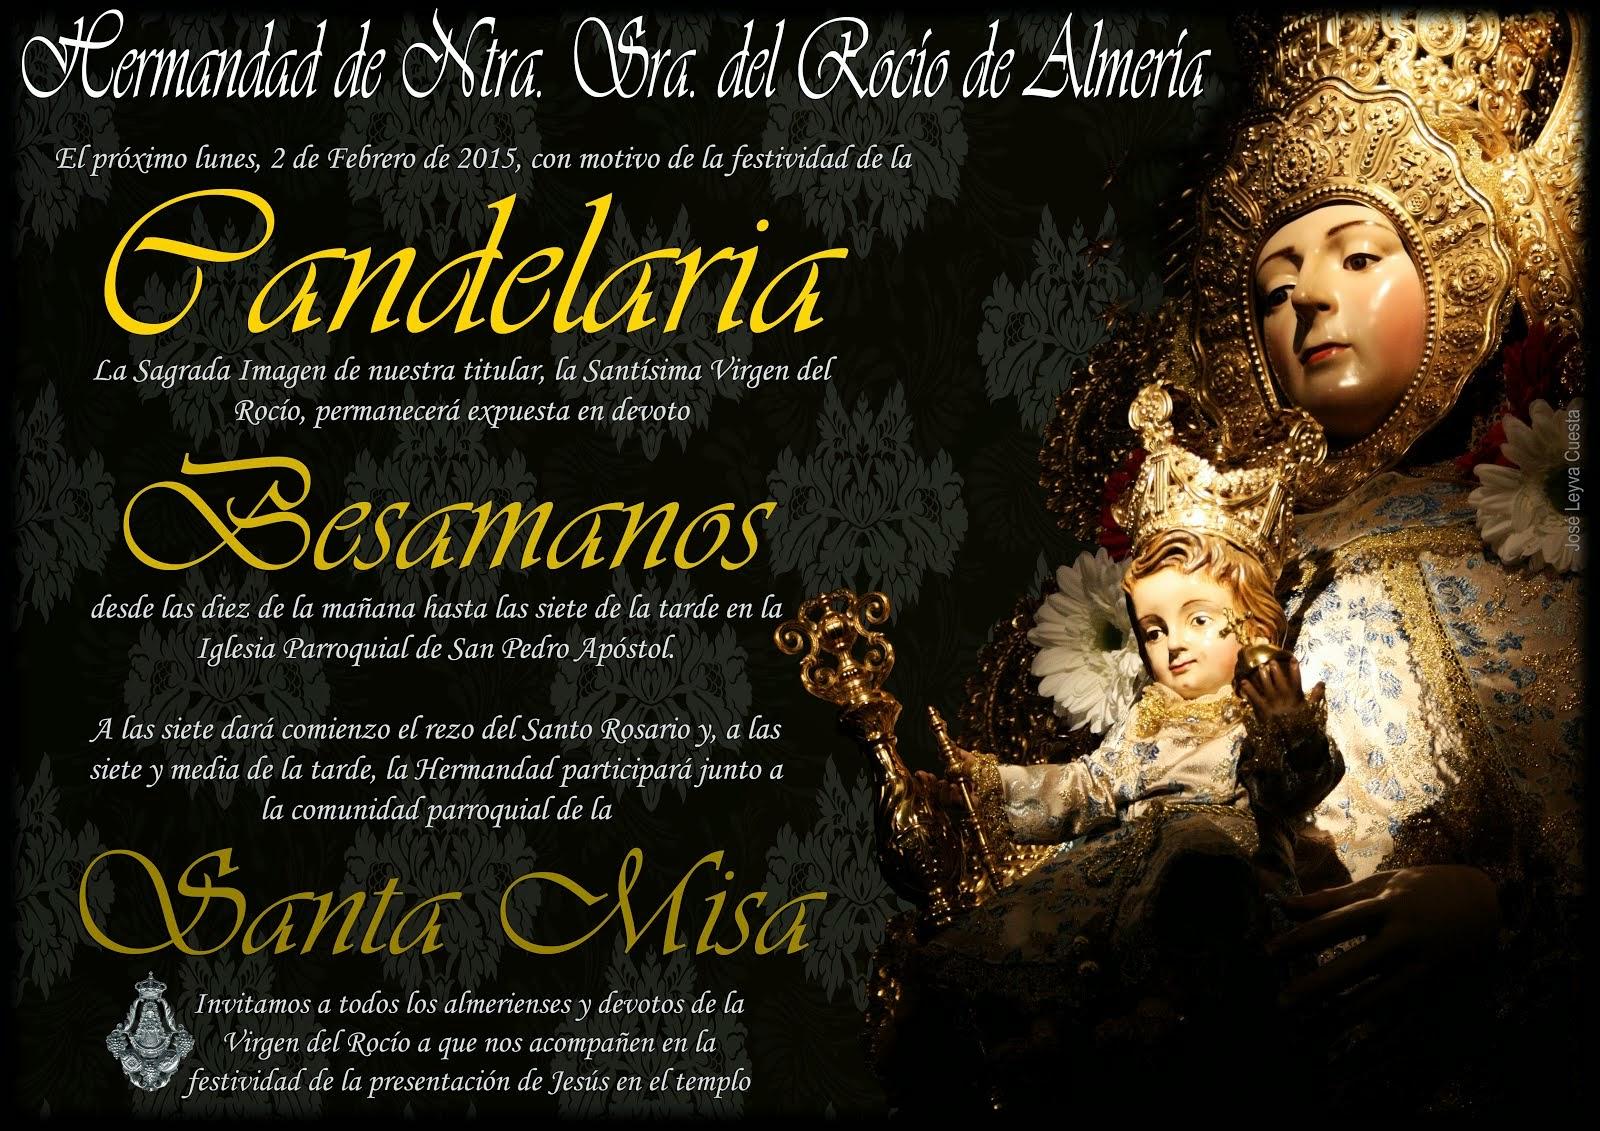 Candelaria 2015